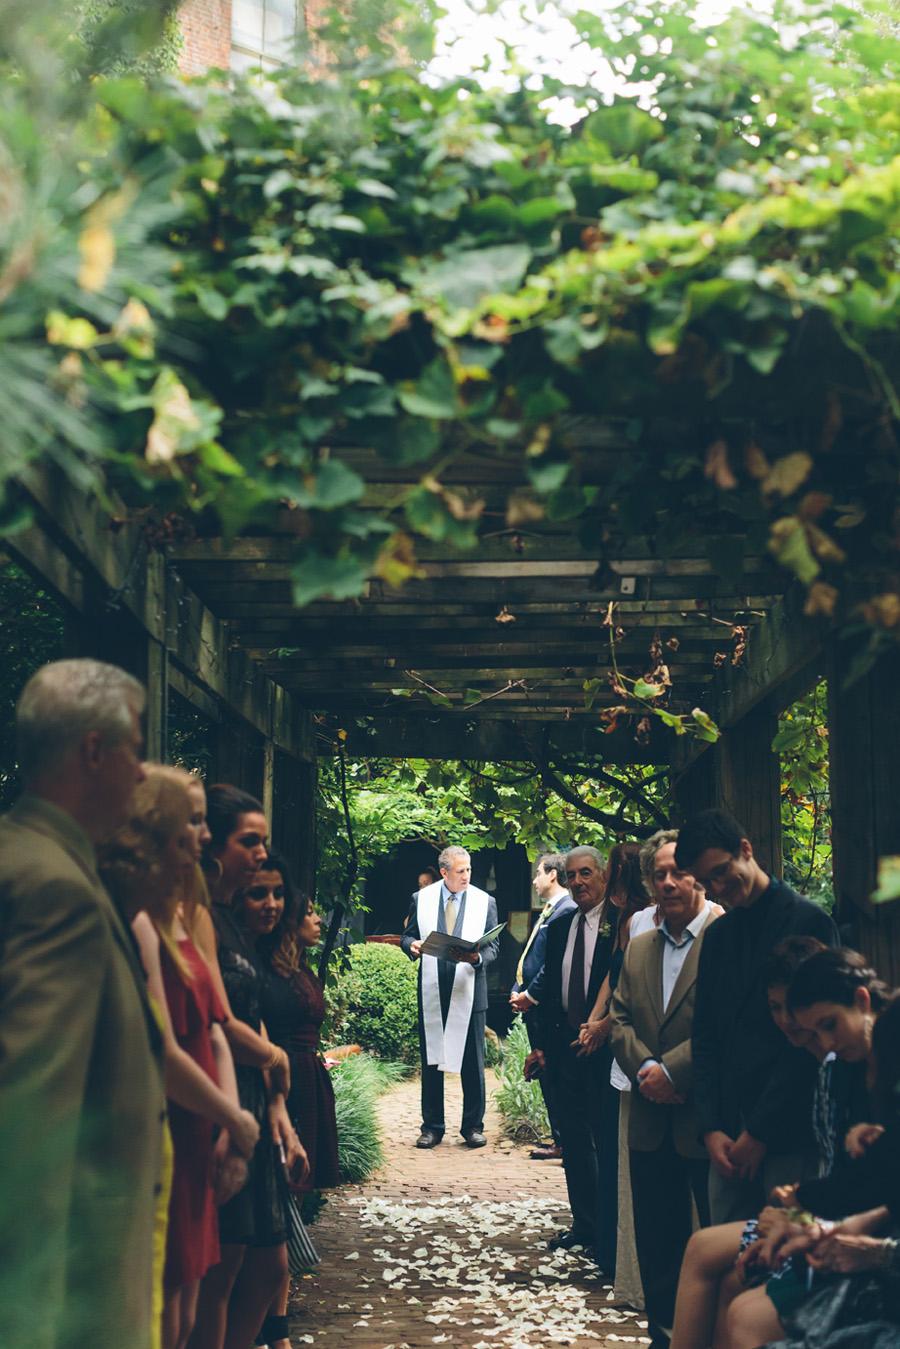 ROSE-BENNETT-NYC-WEDDING-BROOKLYN-CEREMONY-CYNTHIACHUNG-0084.jpg